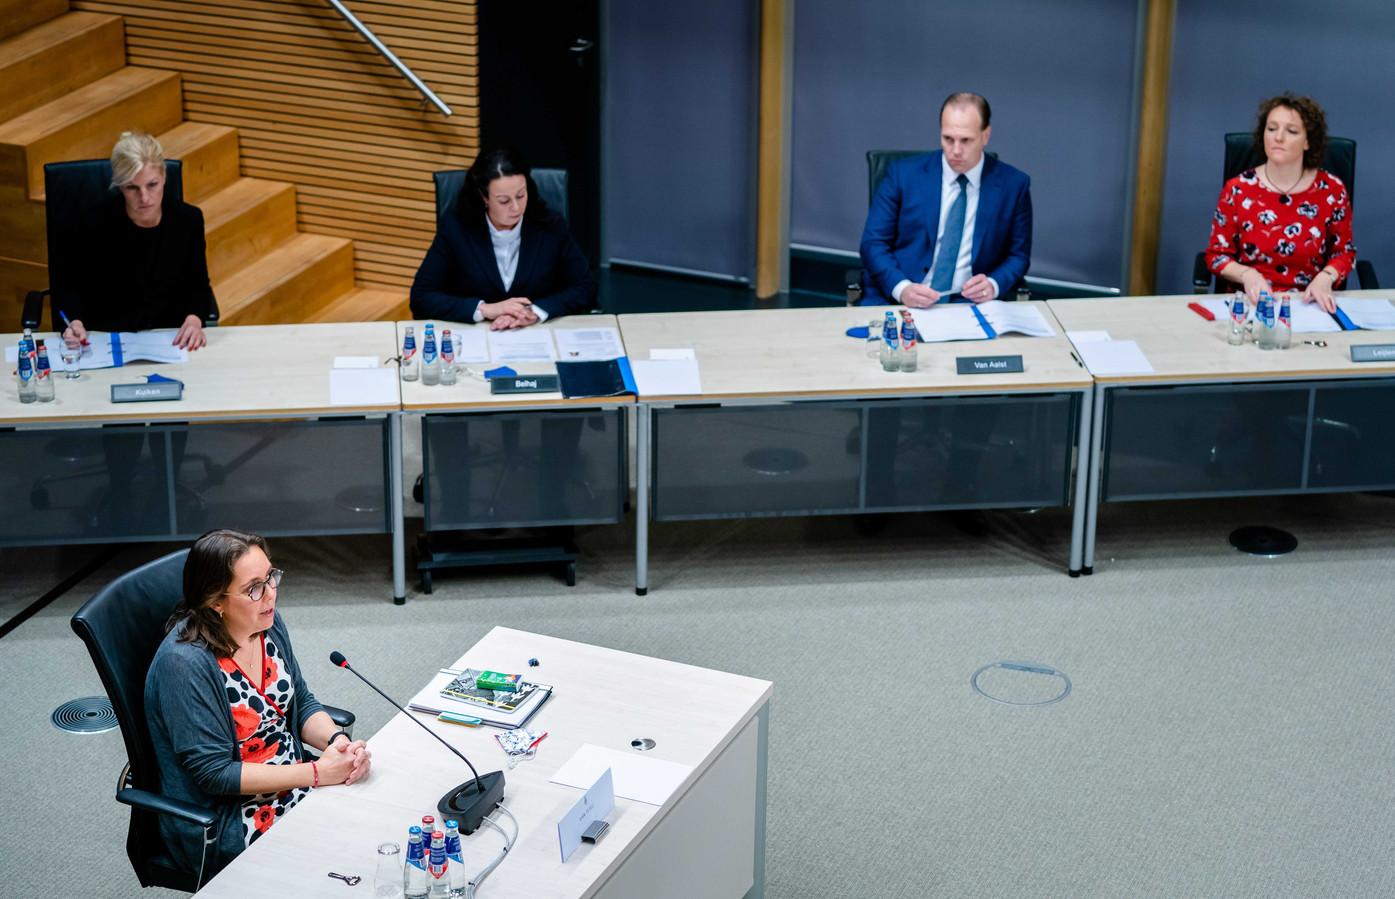 Maaike van Tuyll, directeur Kinderopvang bij het ministerie van Sociale Zaken en Werkgelegenheid, tijdens de vierde dag van de hoorzittingen van de tijdelijke commissie die onderzoek doet naar problemen rond de fraudeaanpak bij de kinderopvangtoeslag.